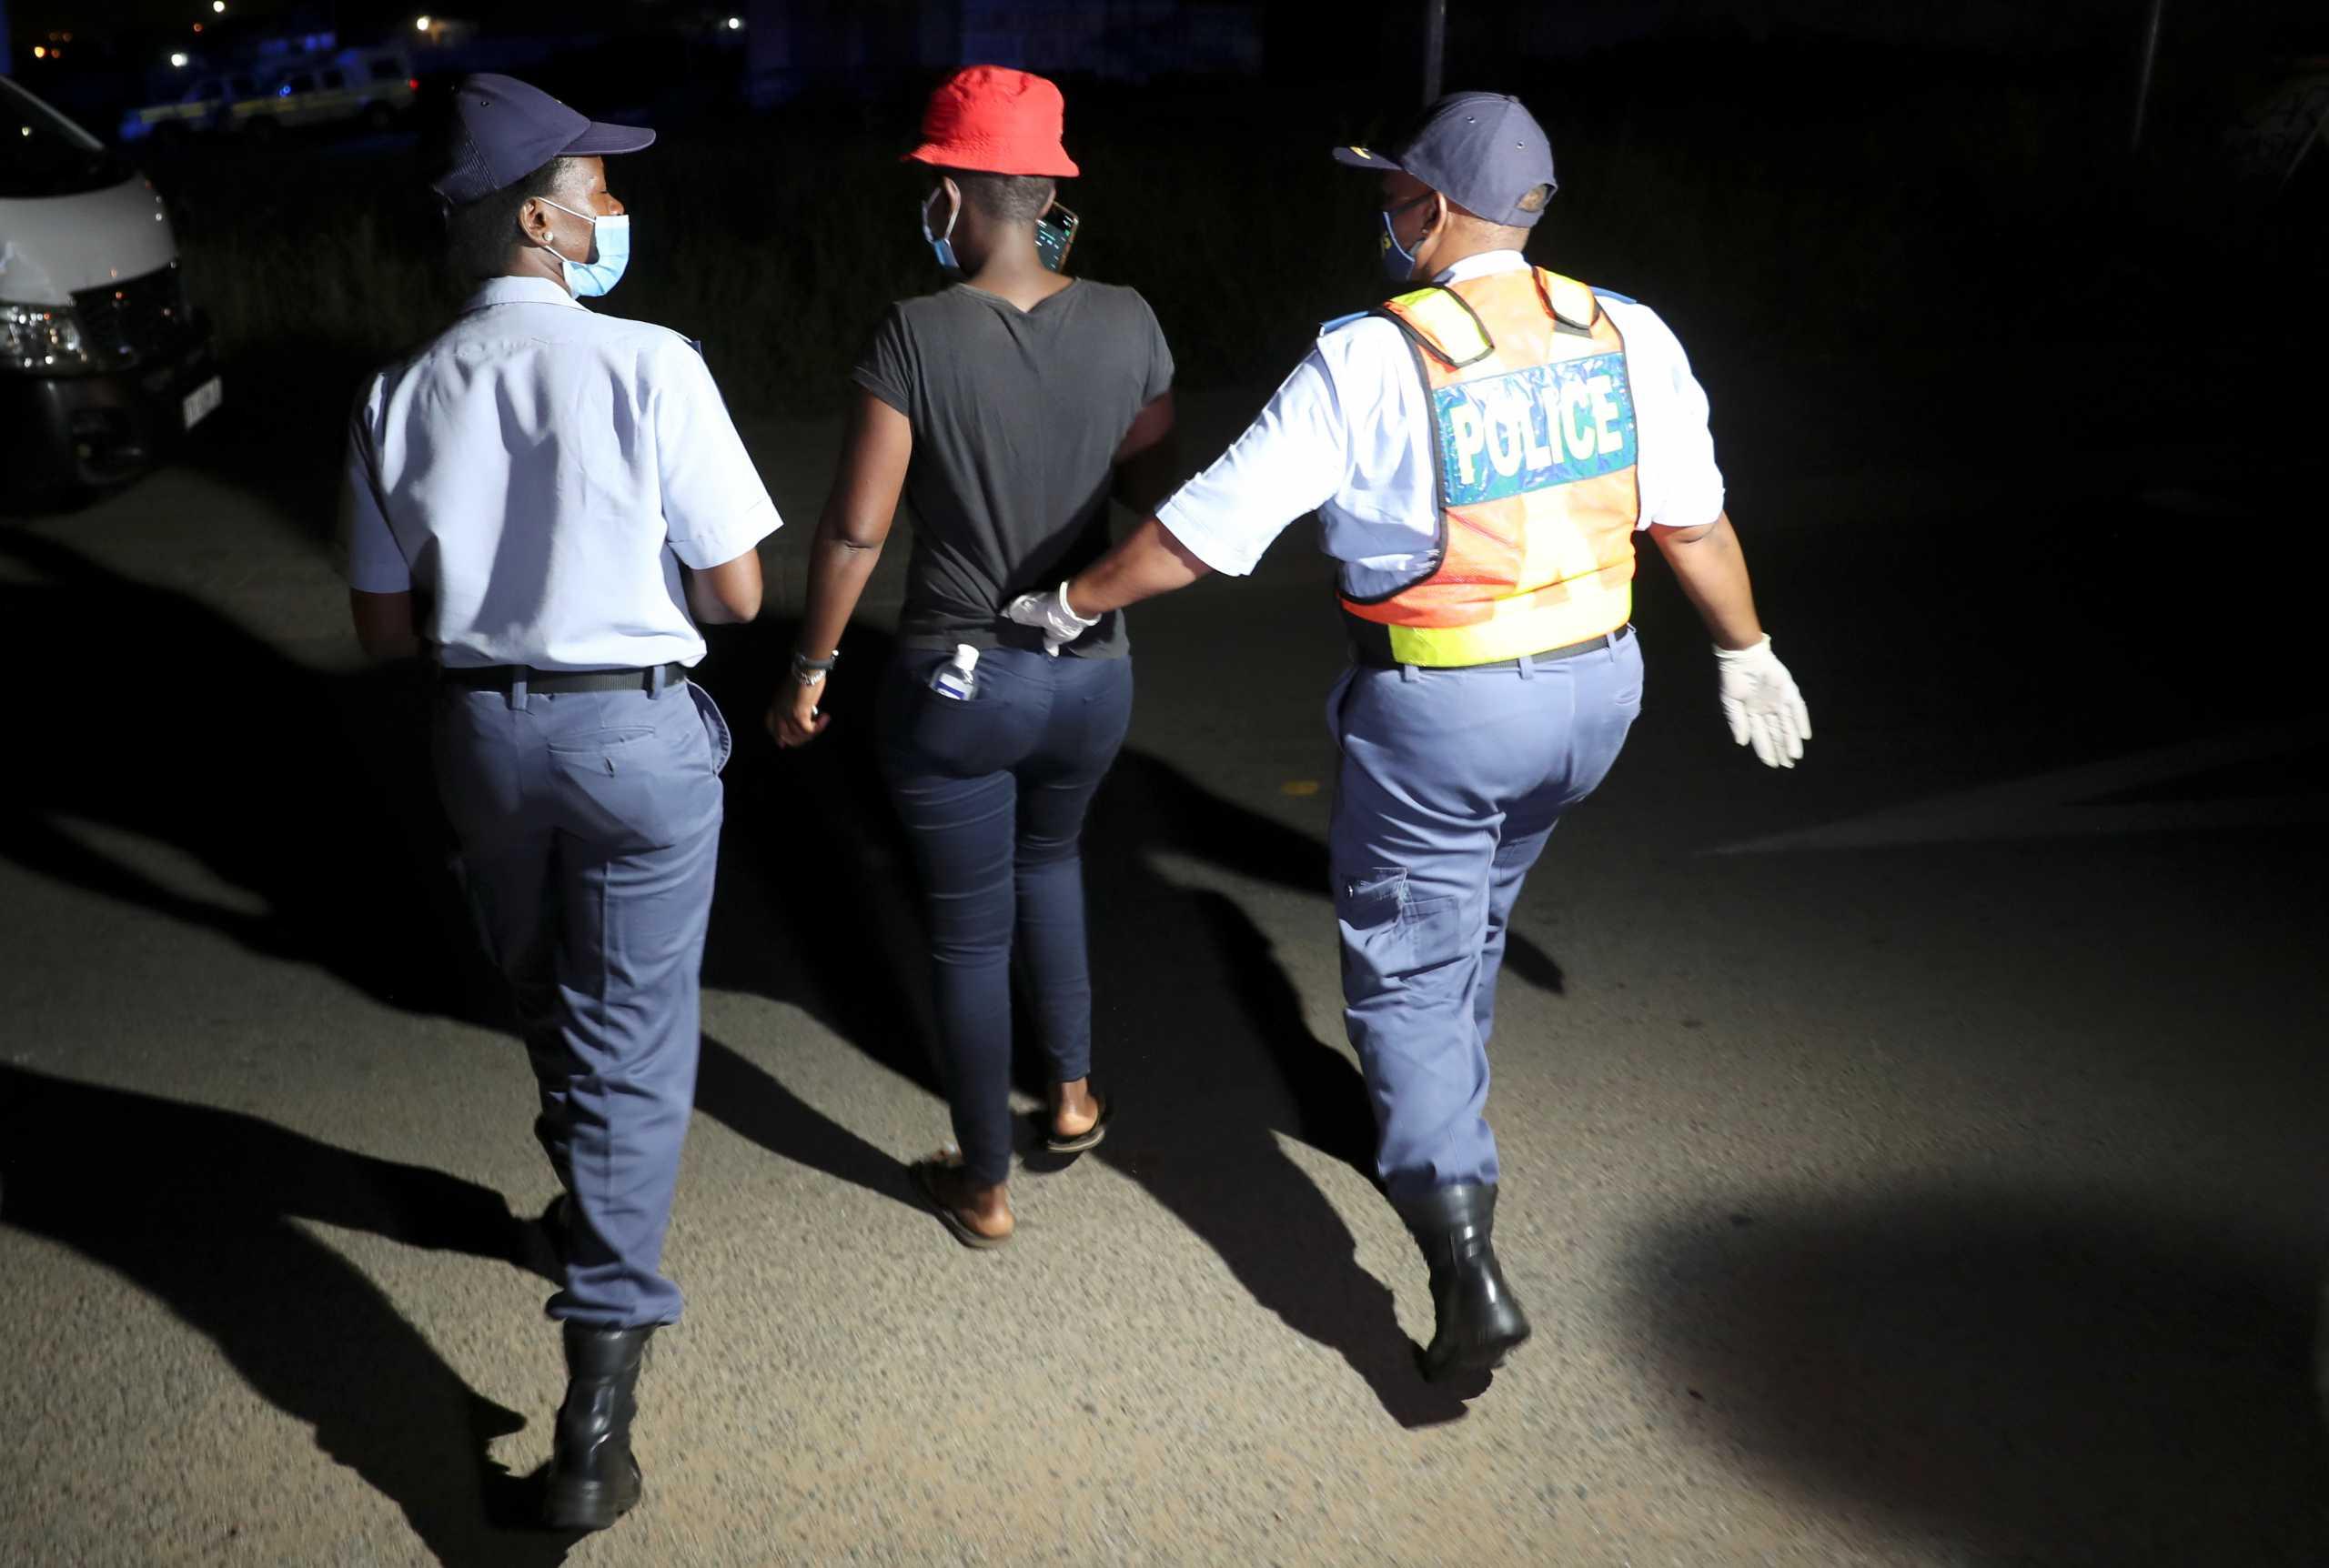 Kορονοϊός: Η αστυνομία στη Νότια Αφρική θα συλλαμβάνει όσους δεν φορούν μάσκα